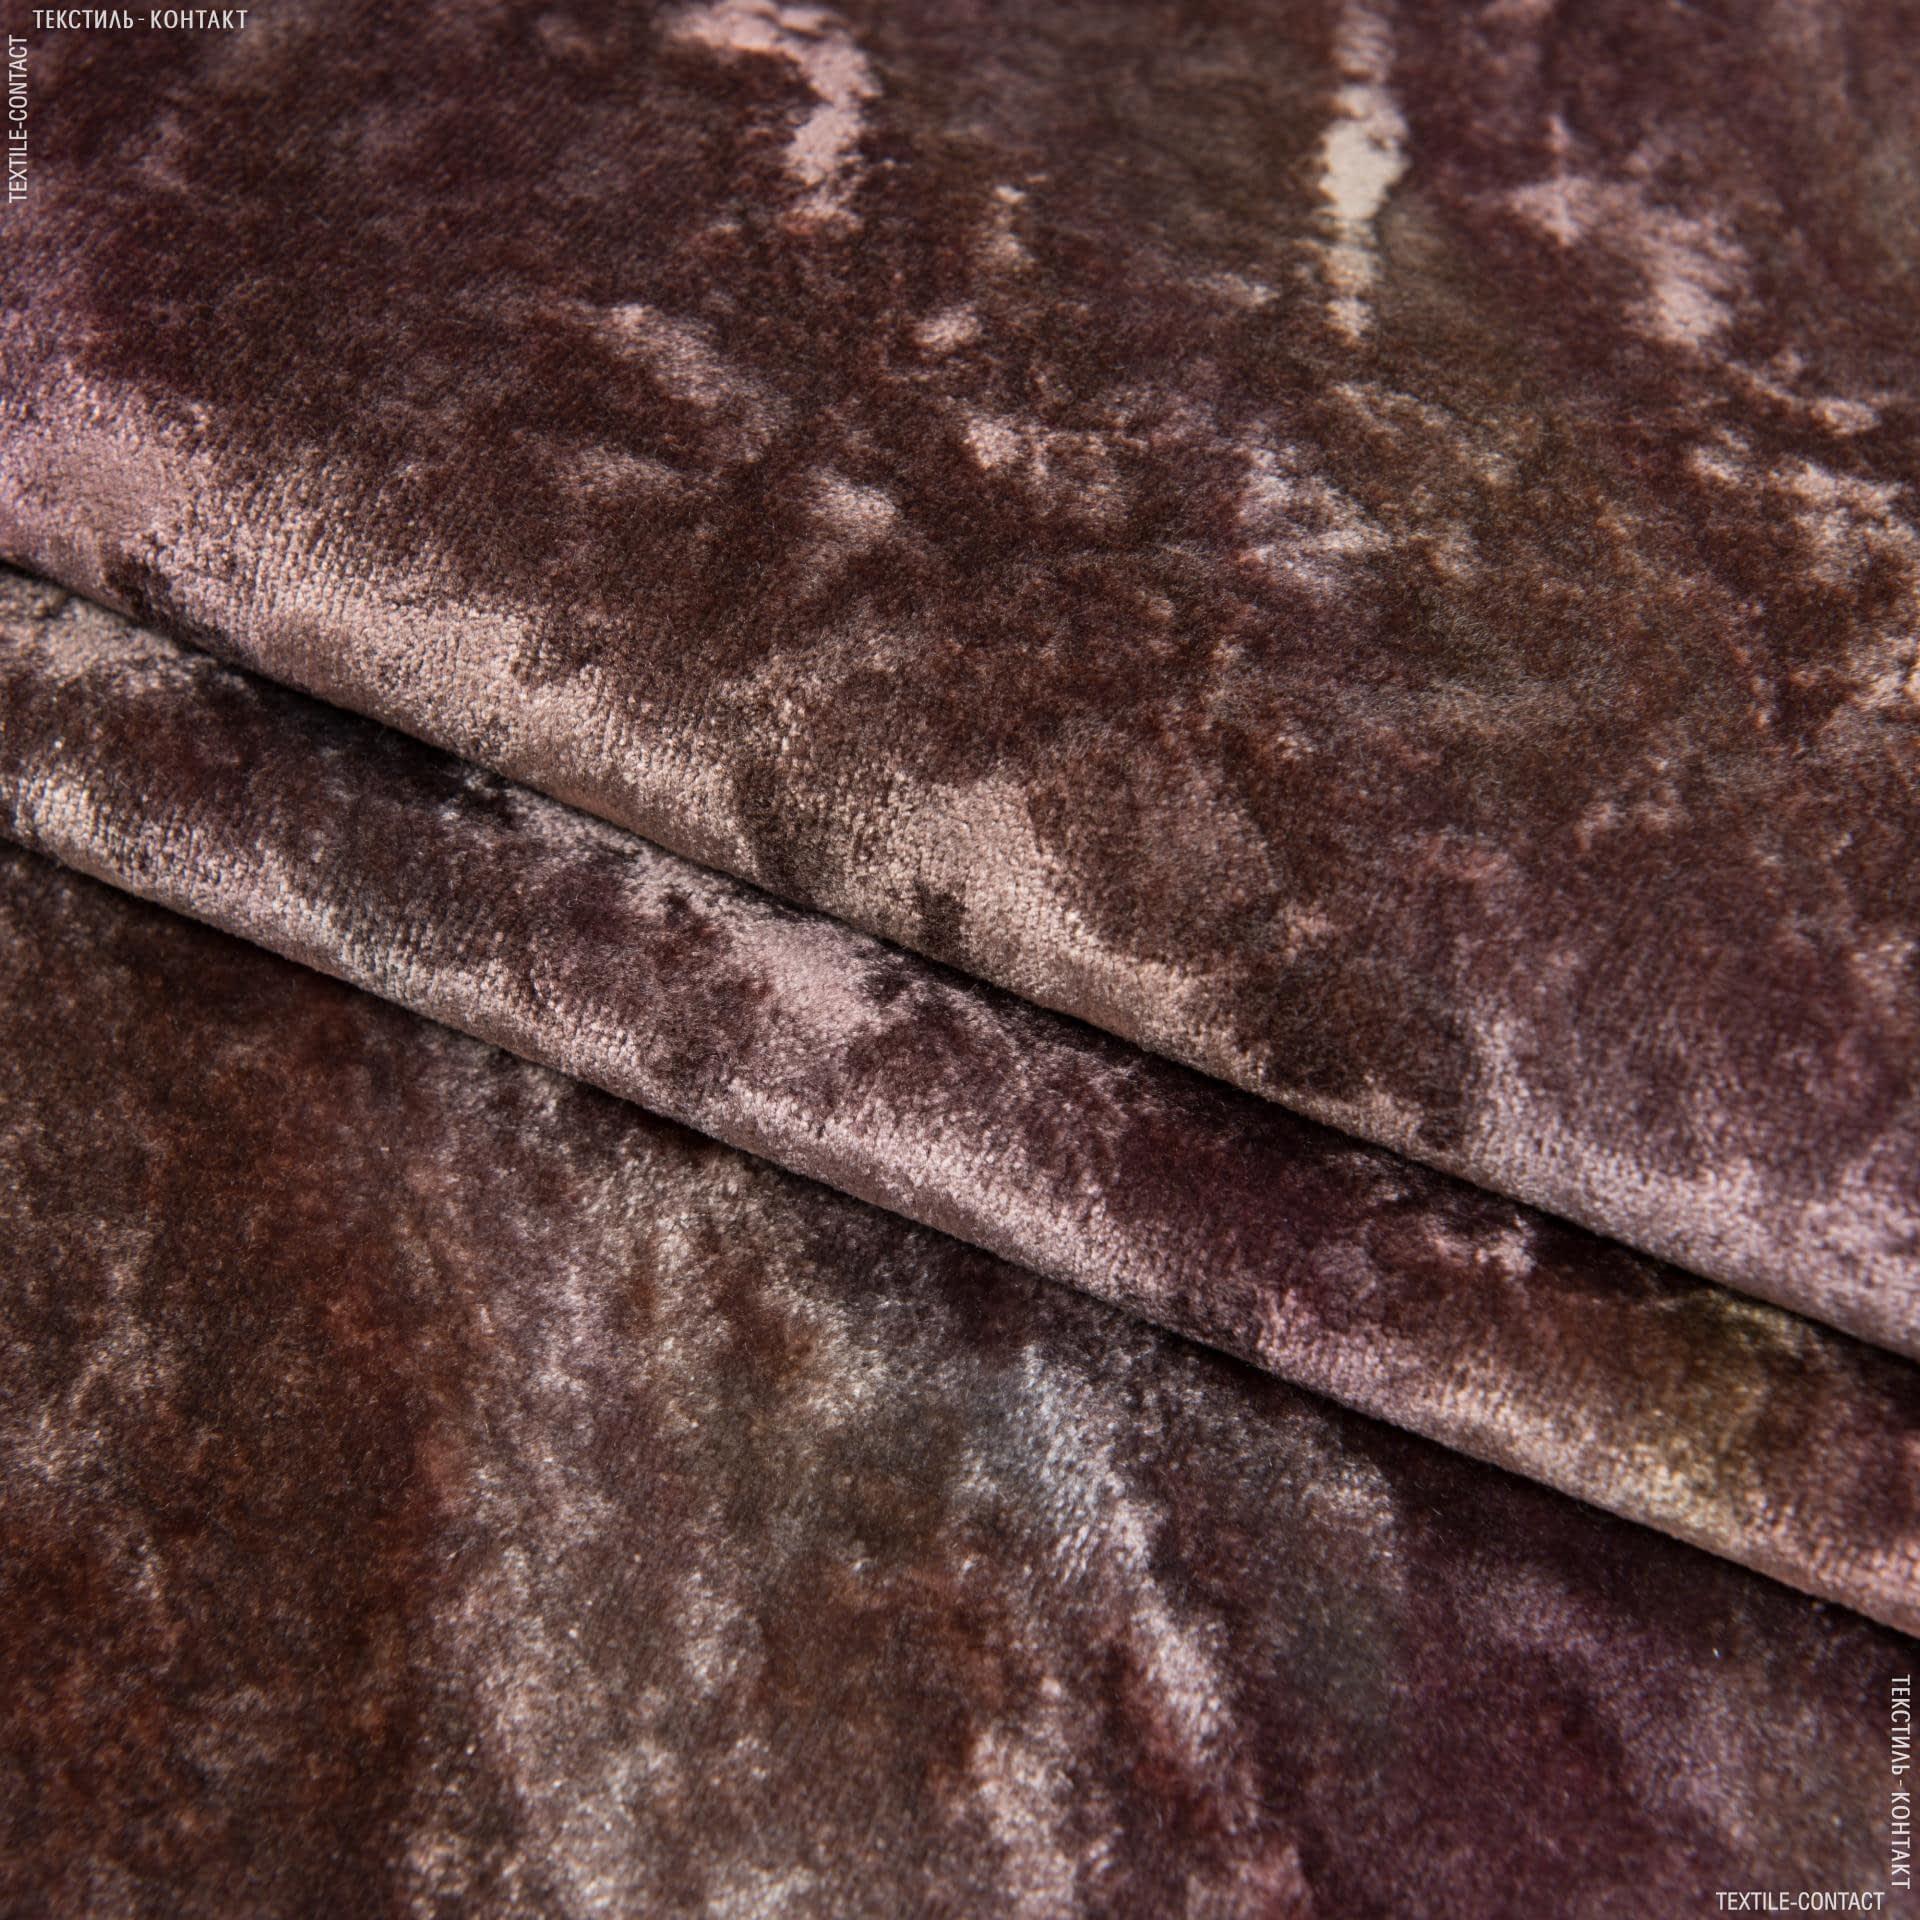 Ткани портьерные ткани - Велюр   эмили/emily  фрез-беж